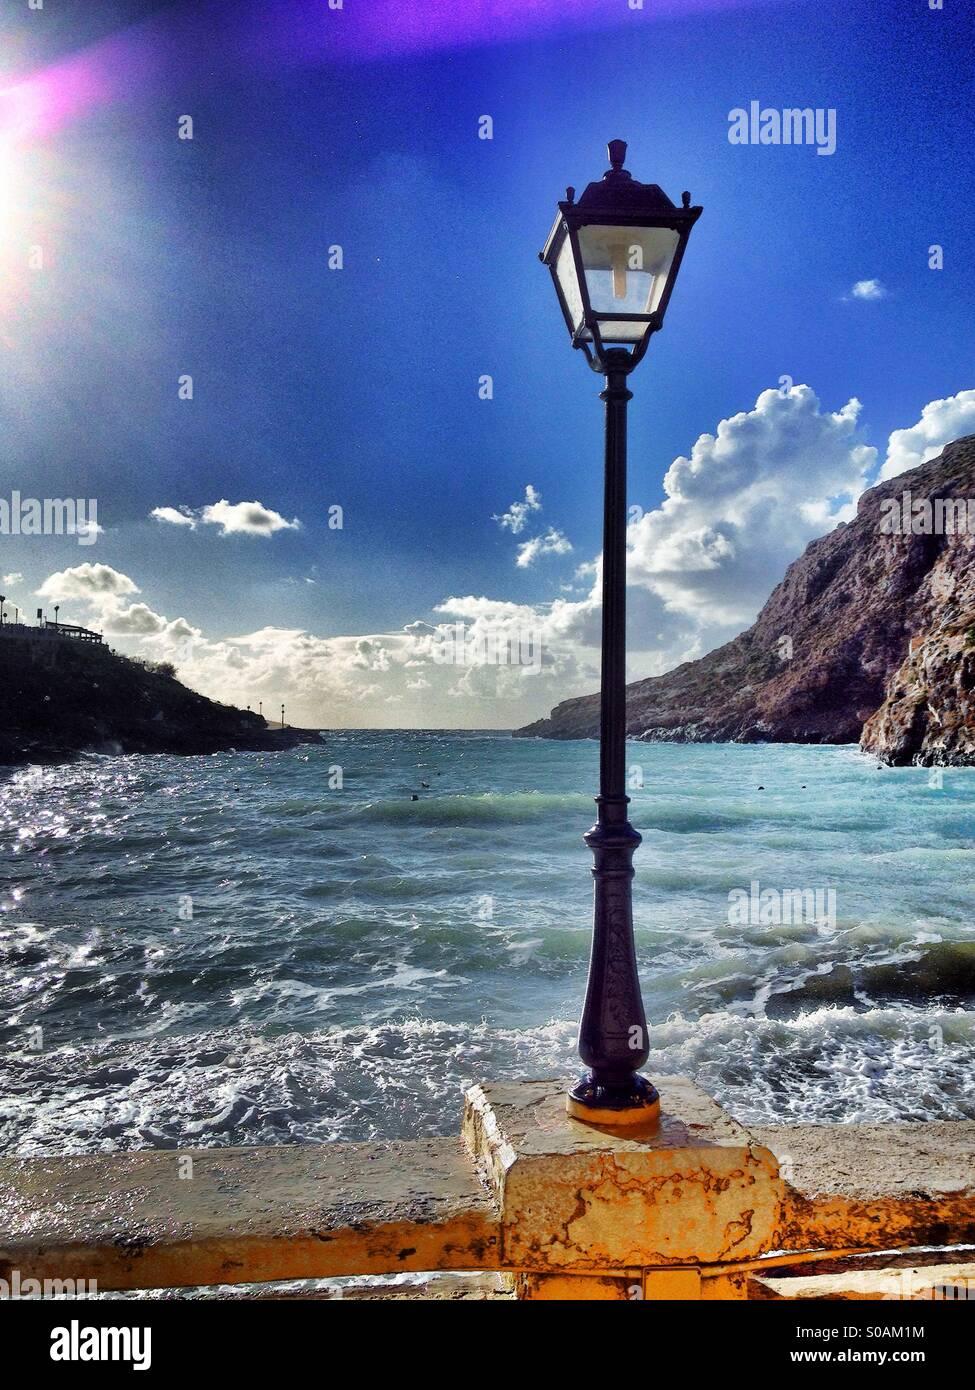 Una forte luce del sole e la tempesta onde nel porto di vuoto in inverno. Immagini Stock